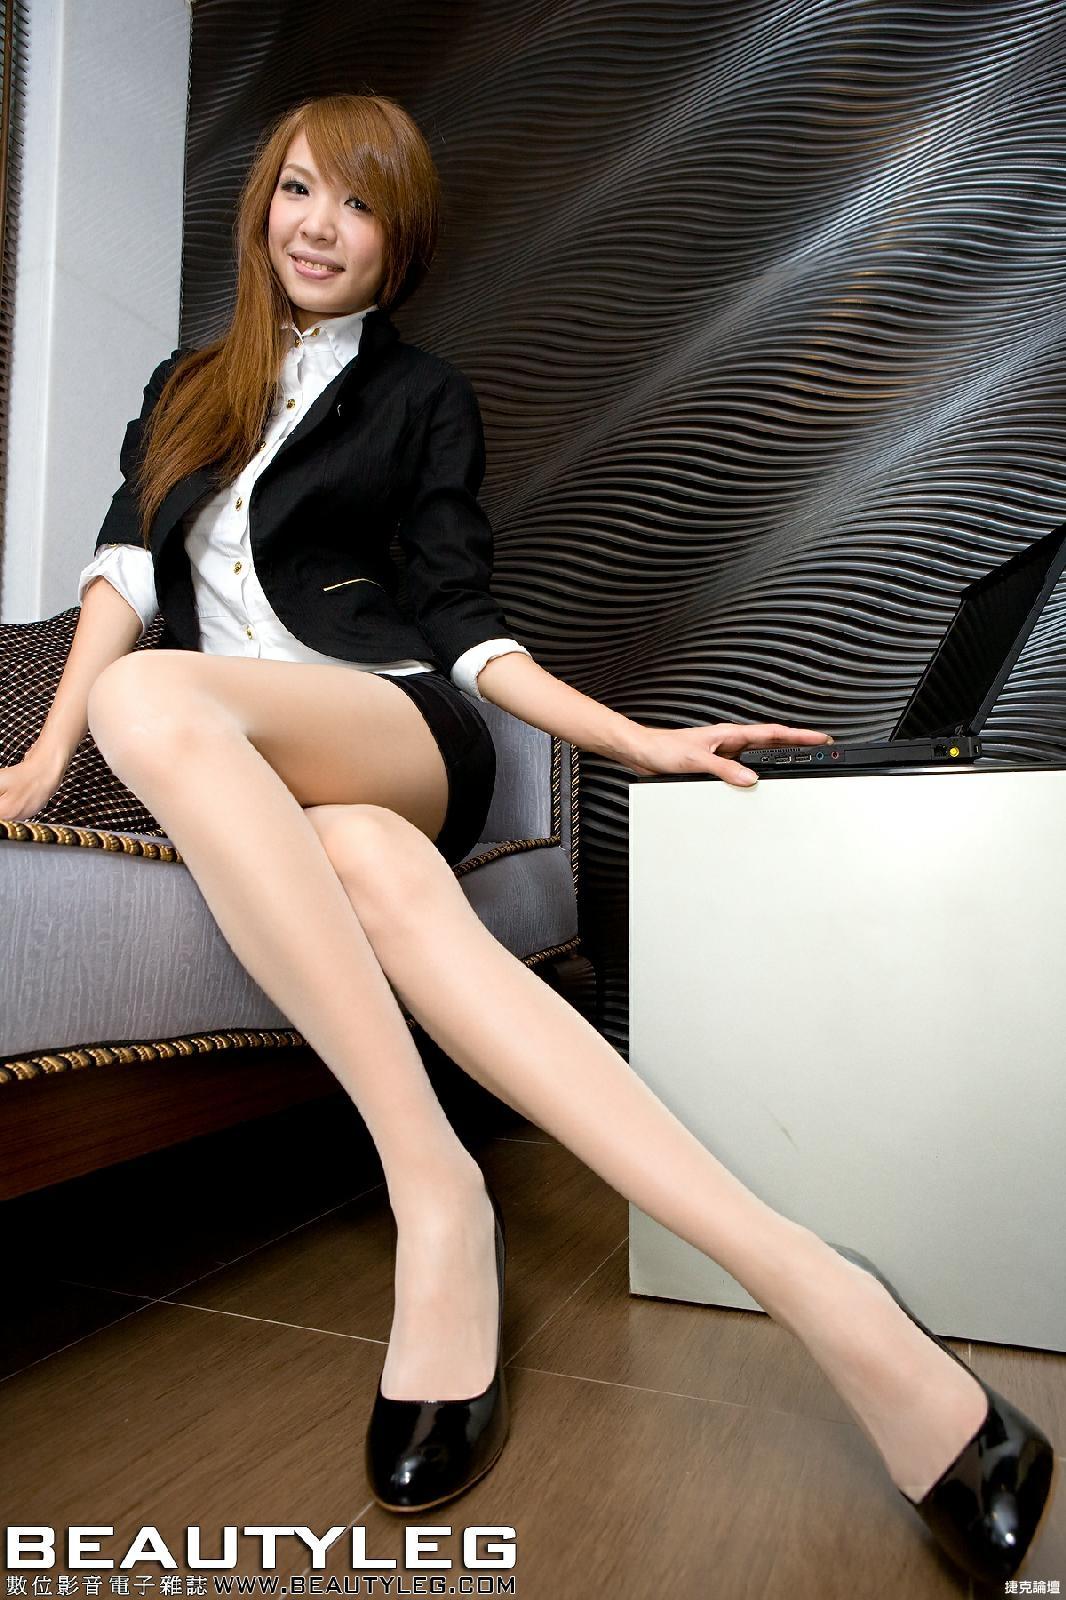 長腿OL穿上窄身短裙+白色絲襪黑色高跟鞋 [16P] - 貼圖 - 絲襪美腿 -